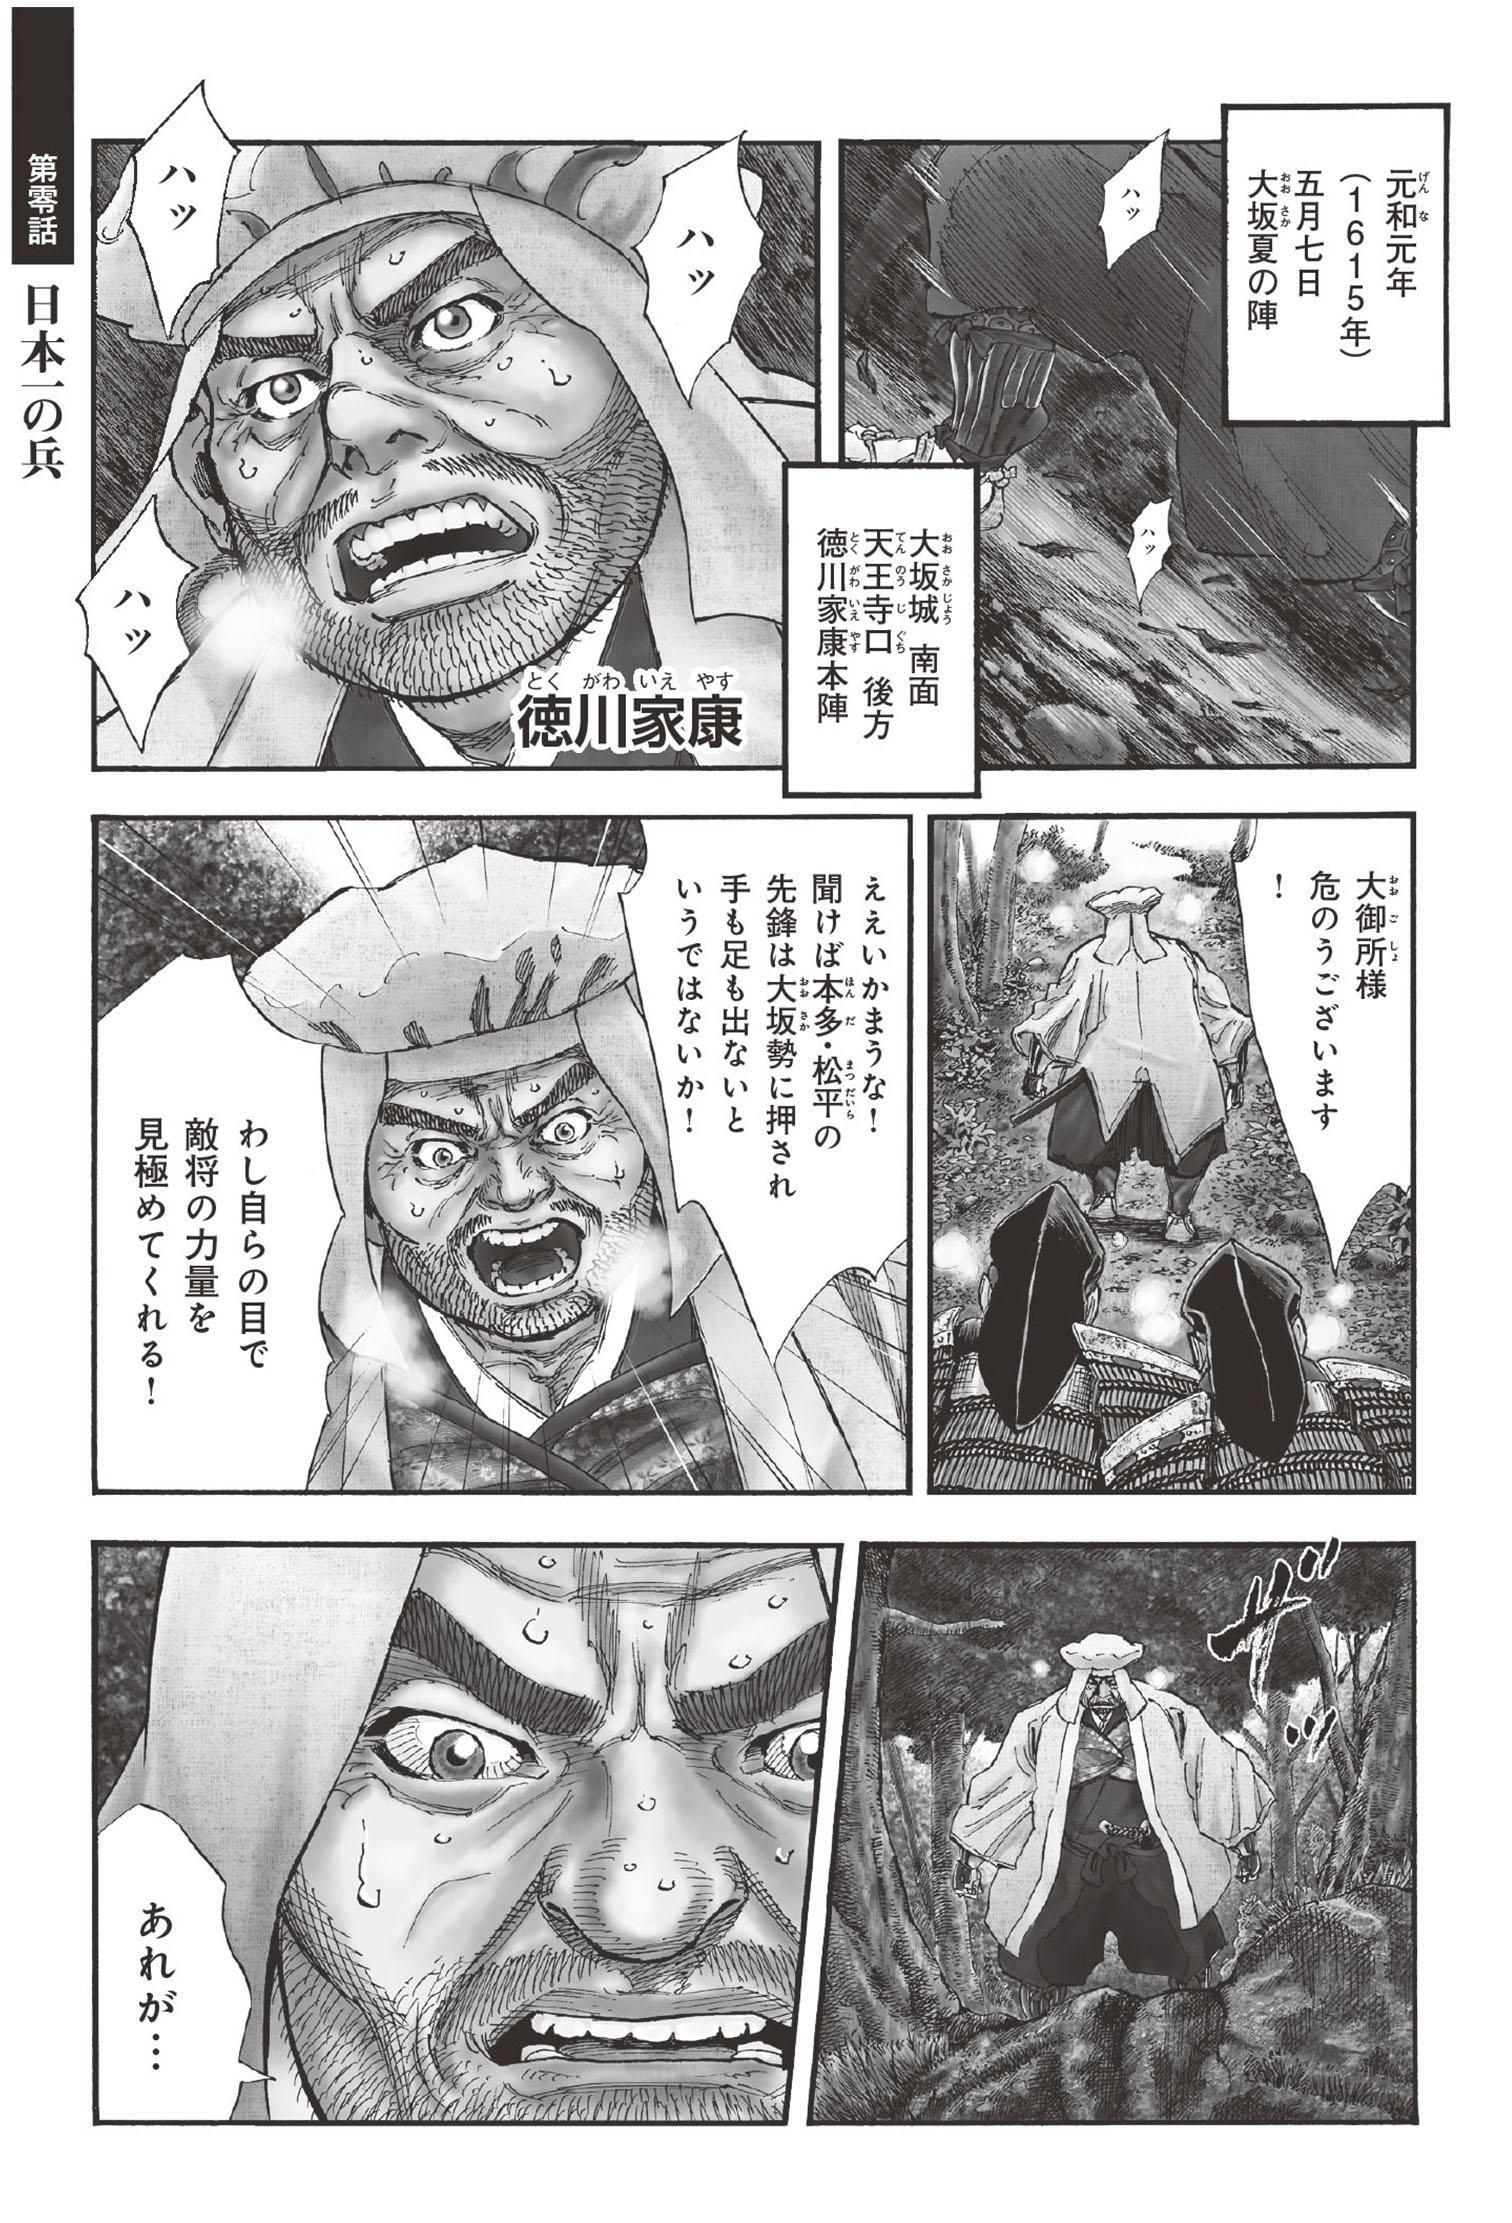 真田太平記 第0話「日本一の兵」①sanada01_005.jpg